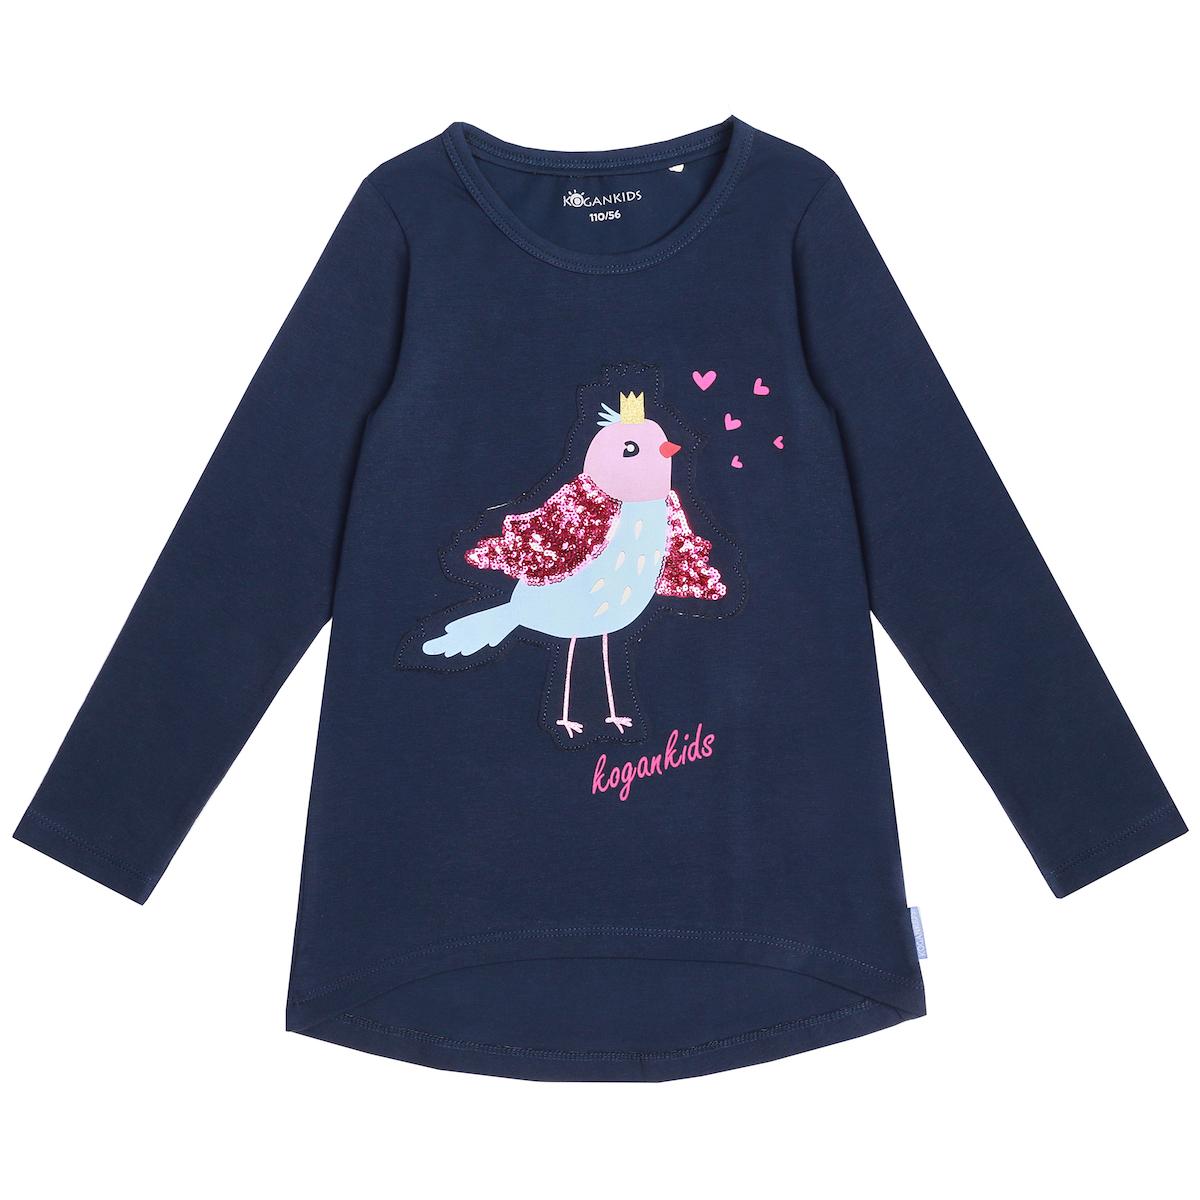 Темно-синий джемпер для девочки с птицей